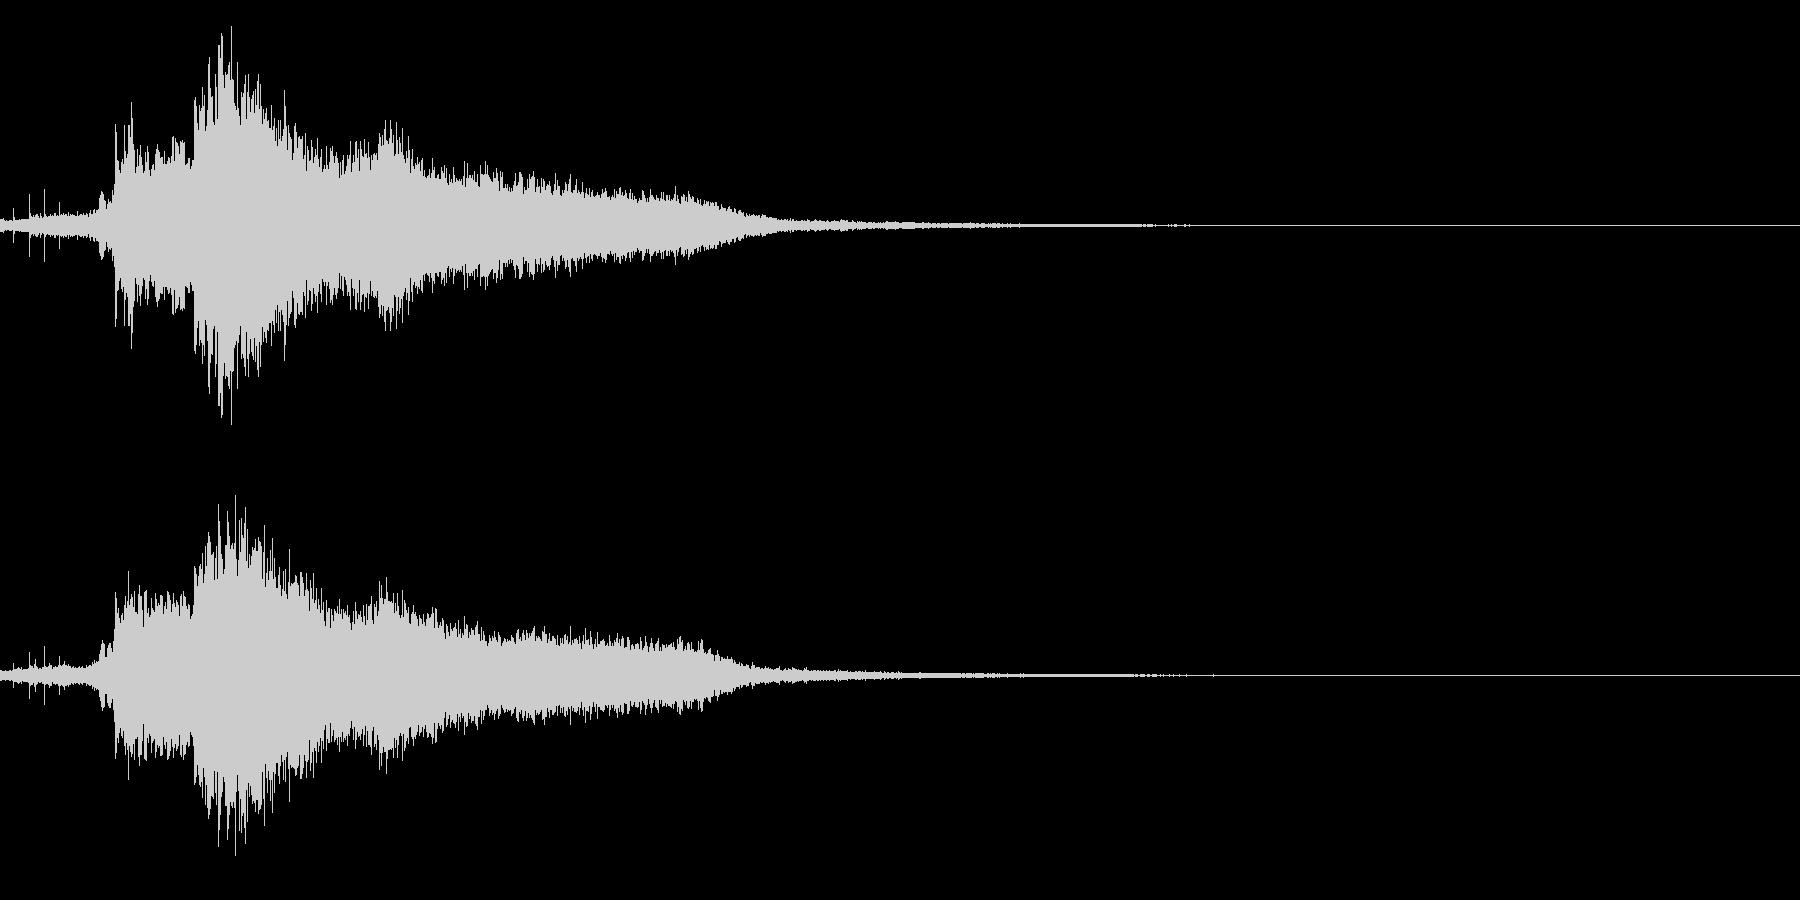 ハッピーニューイヤー ボイス&キラキラ音の未再生の波形